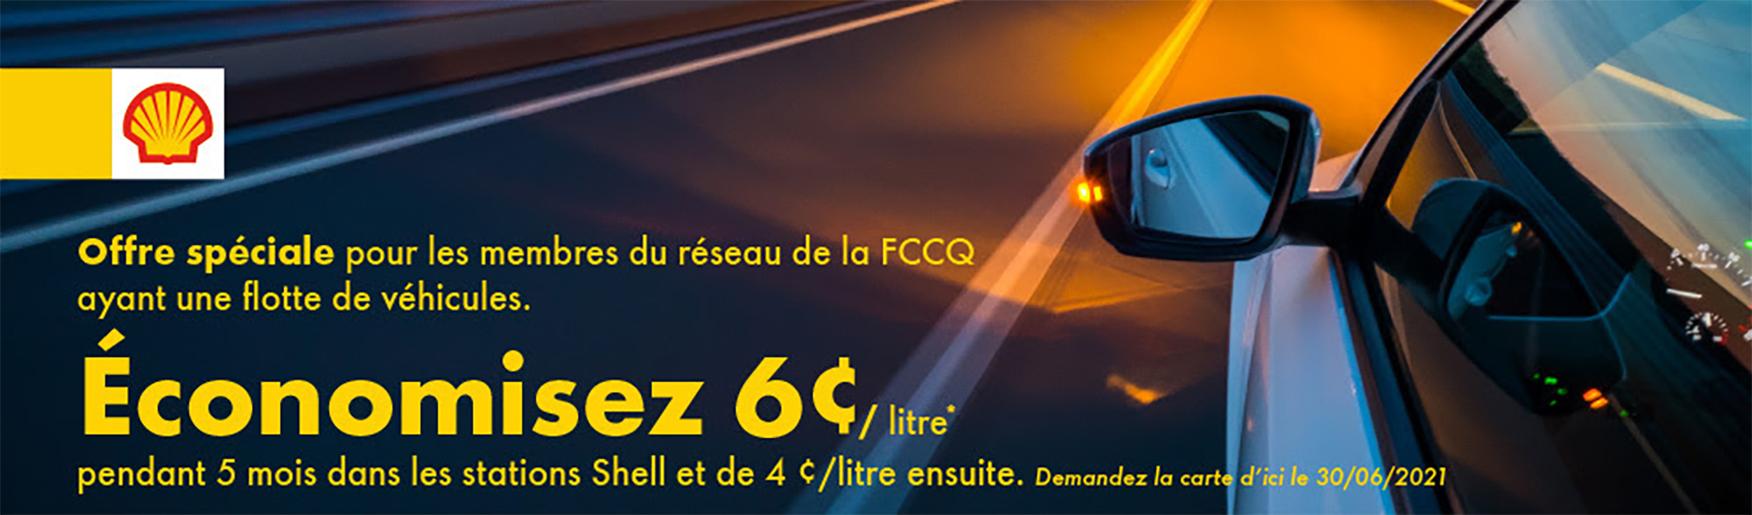 BaniereFCCQ2